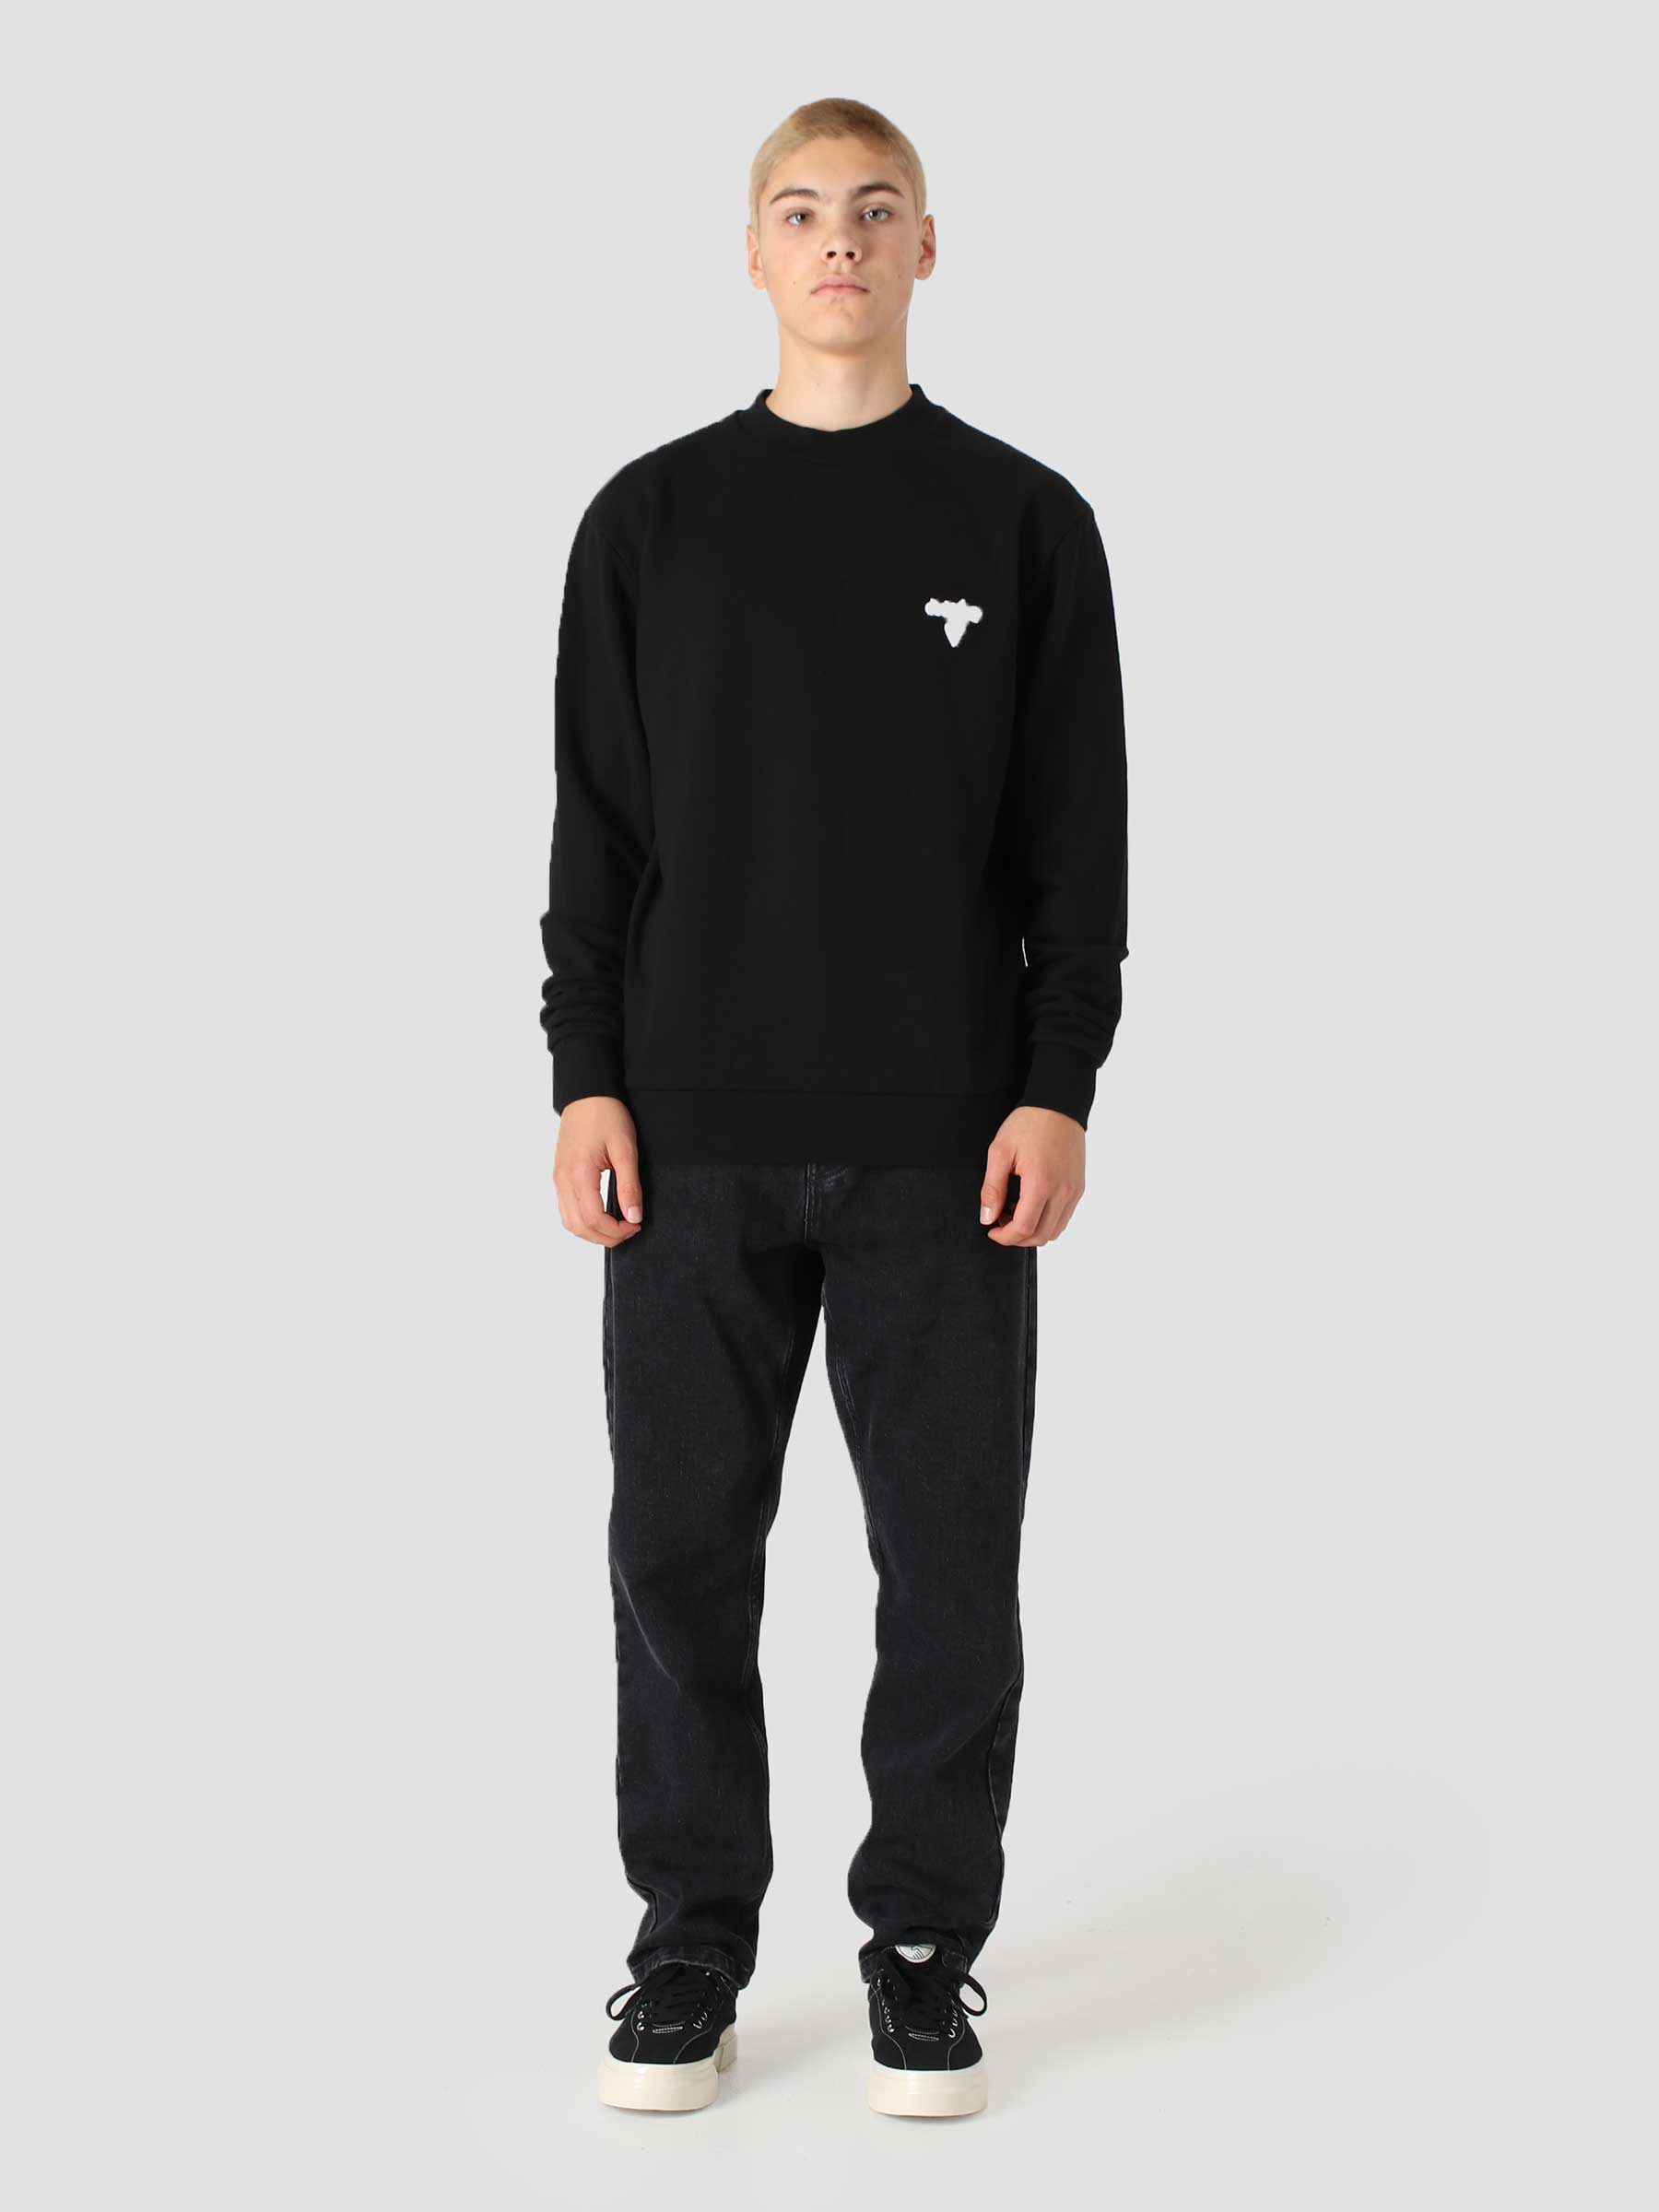 Cassat Heart Logo Sweater Black AW21-084C